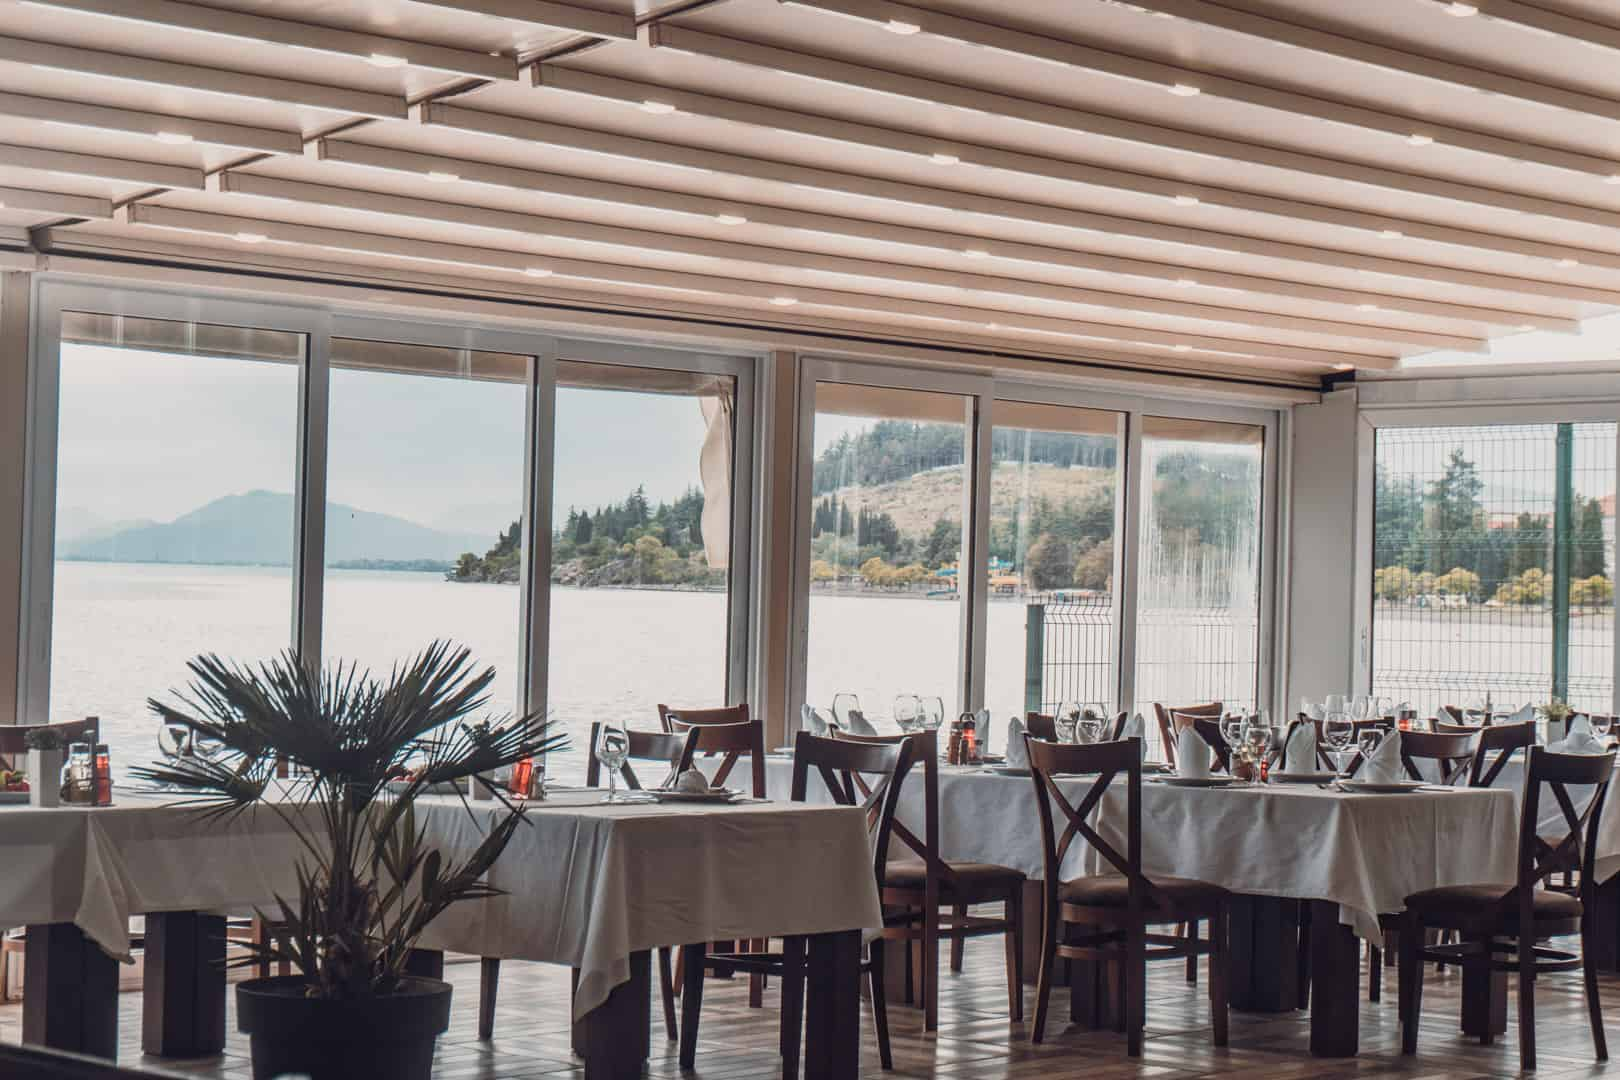 Putovanje Ohrid, evropski gradovi, hotel Aqualina, pogled iz restorana